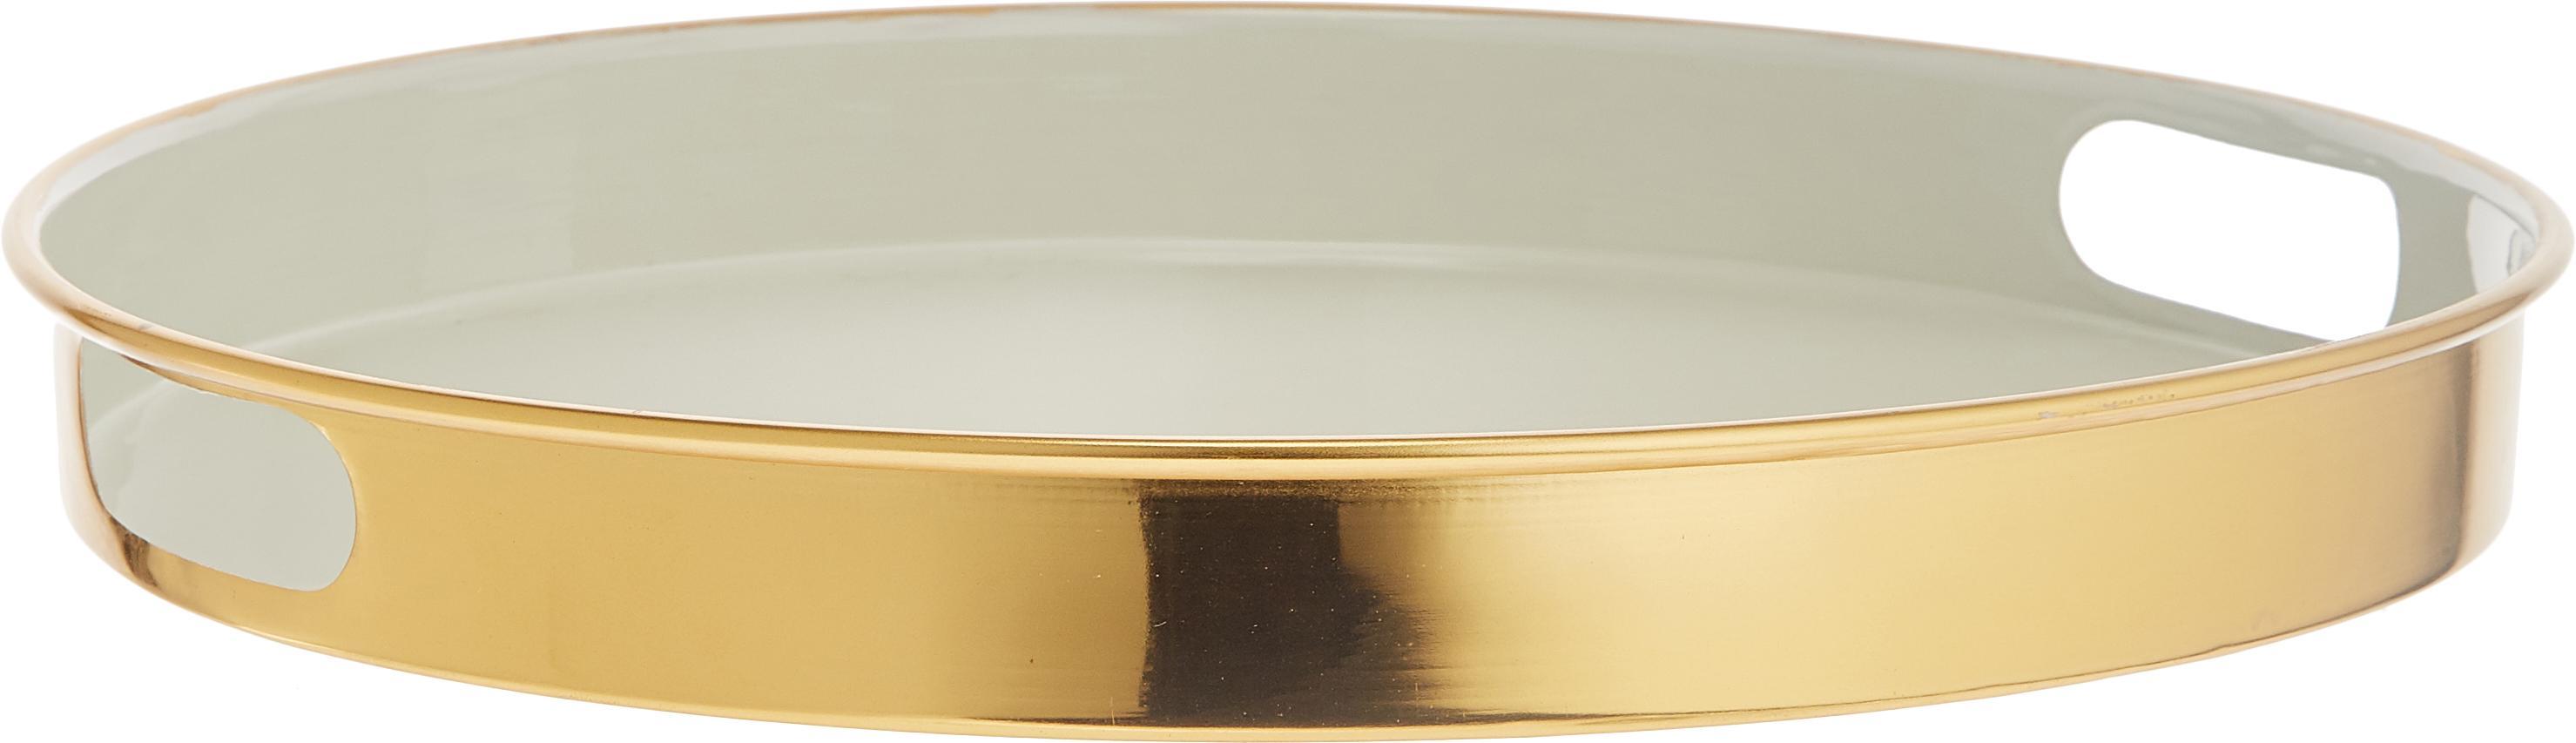 Vassoio rotondo Dining, Metallo, rivestito, Grigio chiaro, dorato, Ø 38 x Alt. 5 cm